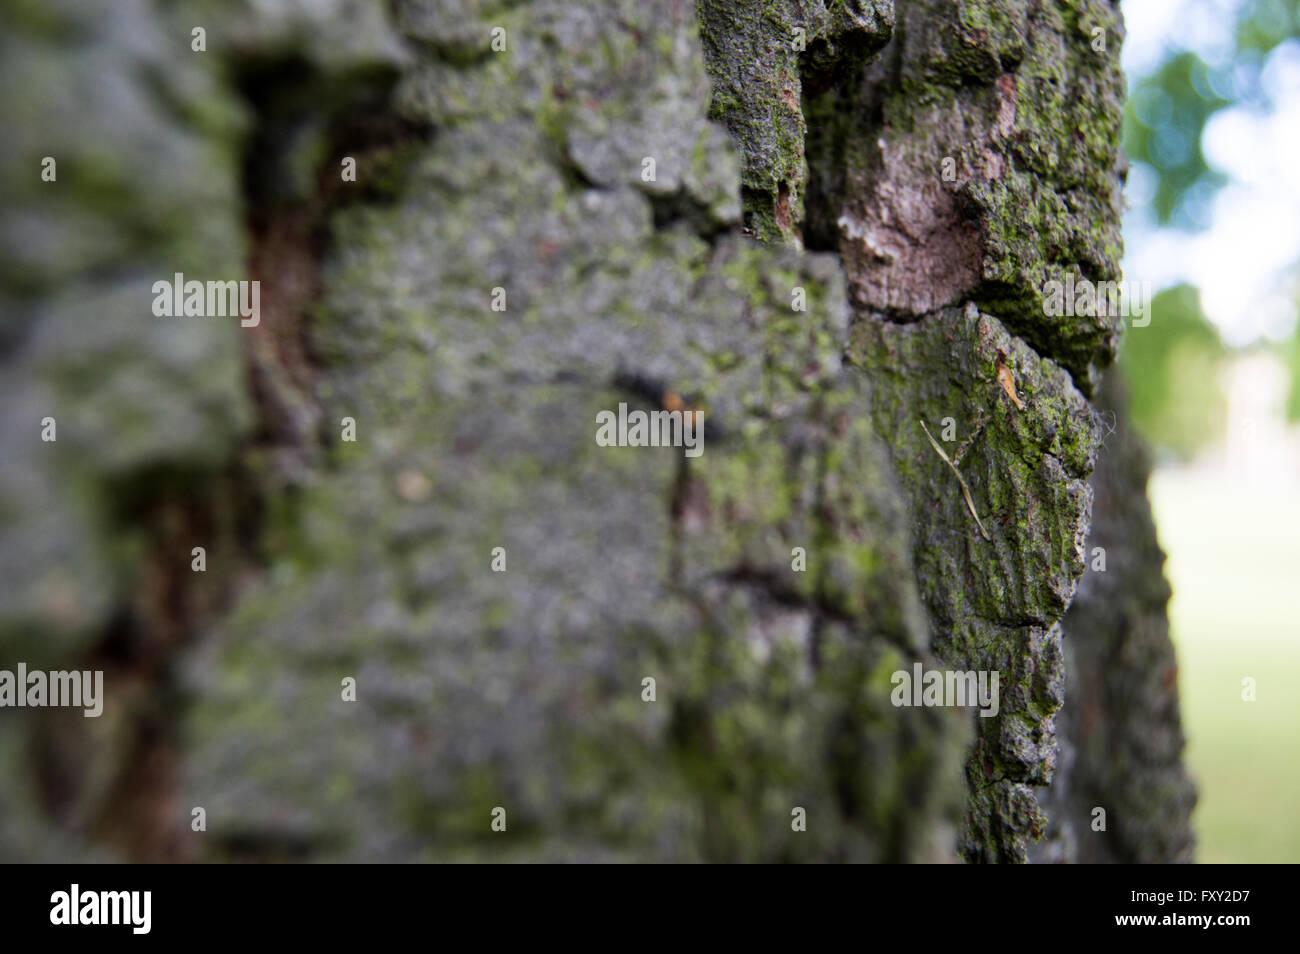 Texture Tree - Stock Image